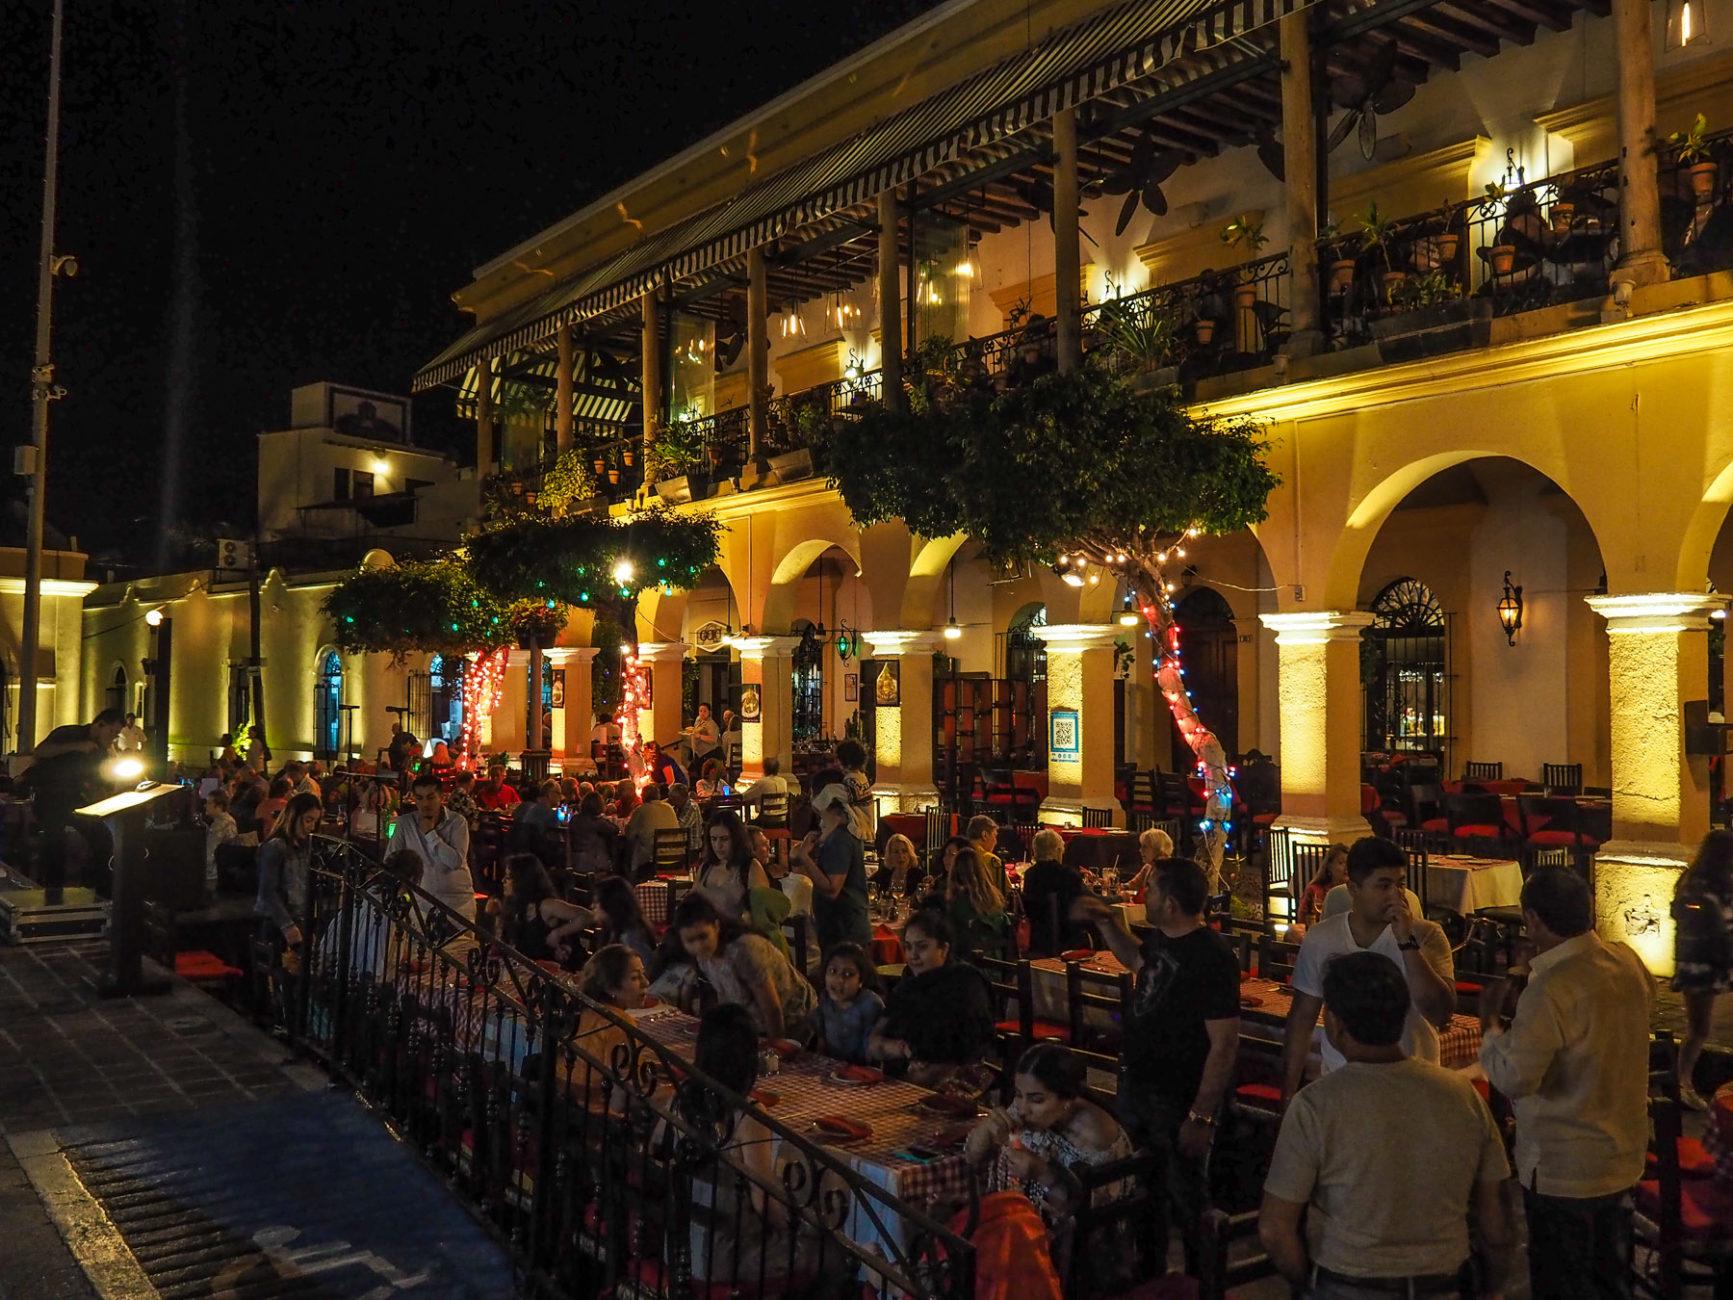 Tolle Stimmung in Mazatlán am Abend